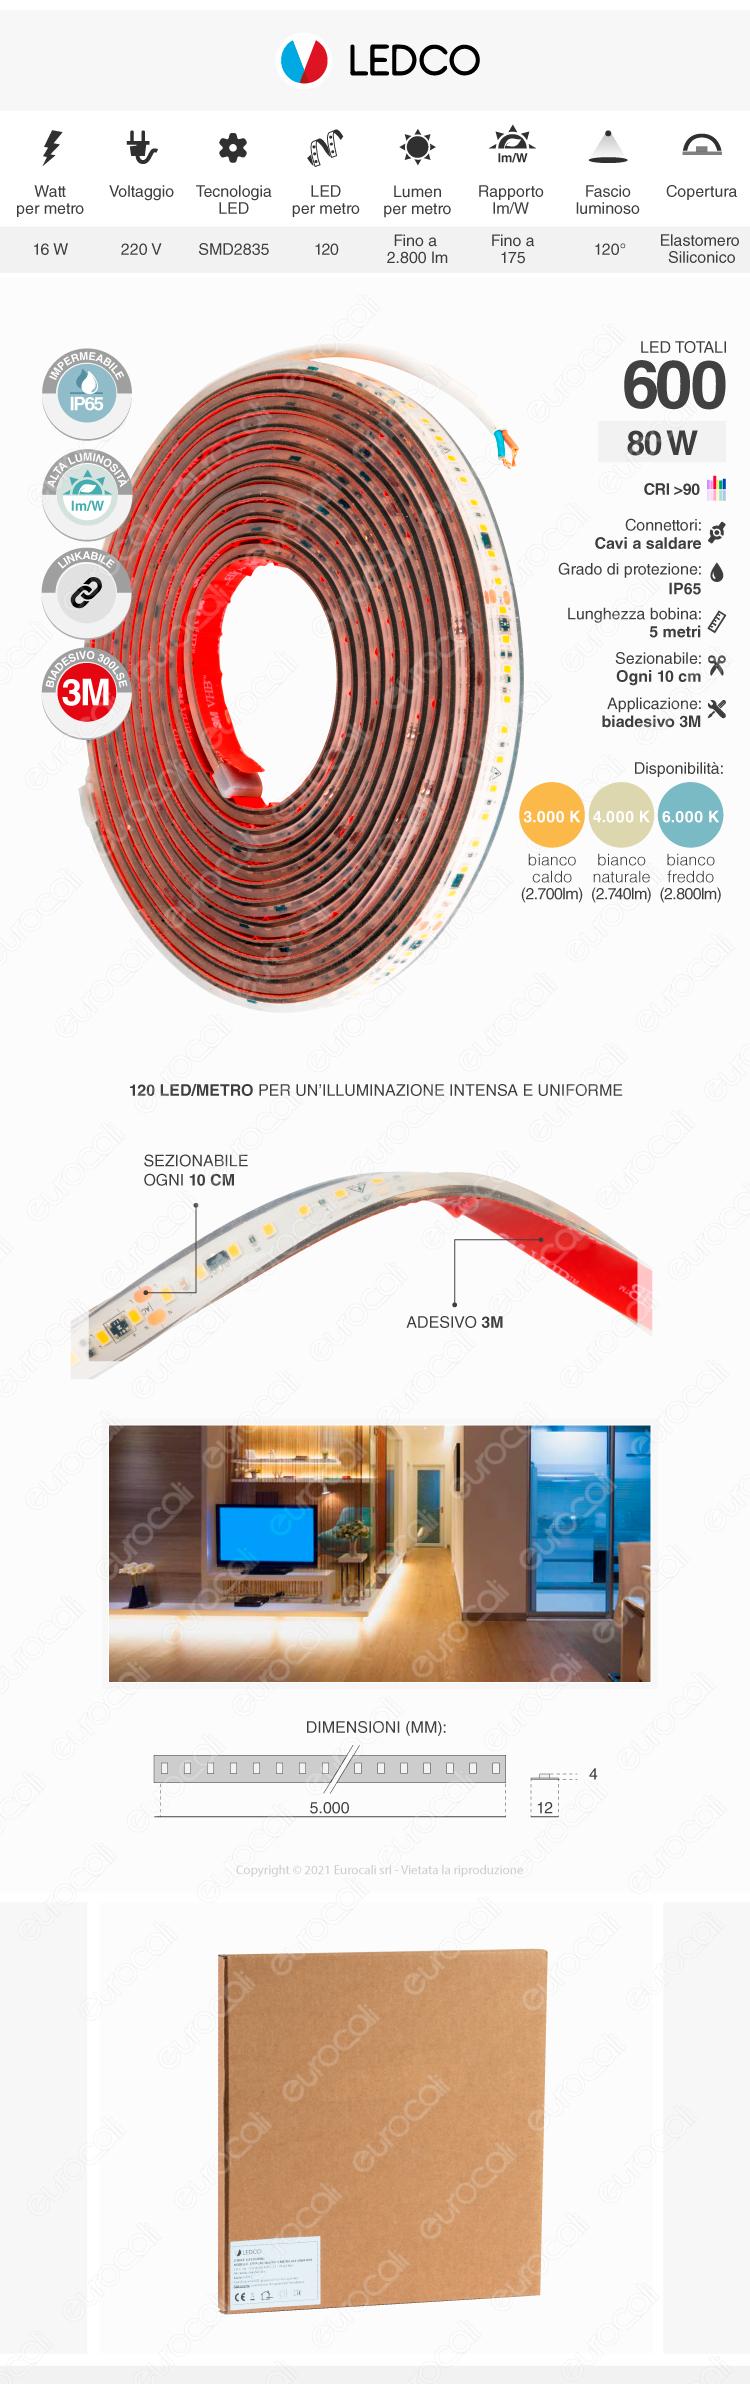 Strisca Led Ledco SLP220LBN65